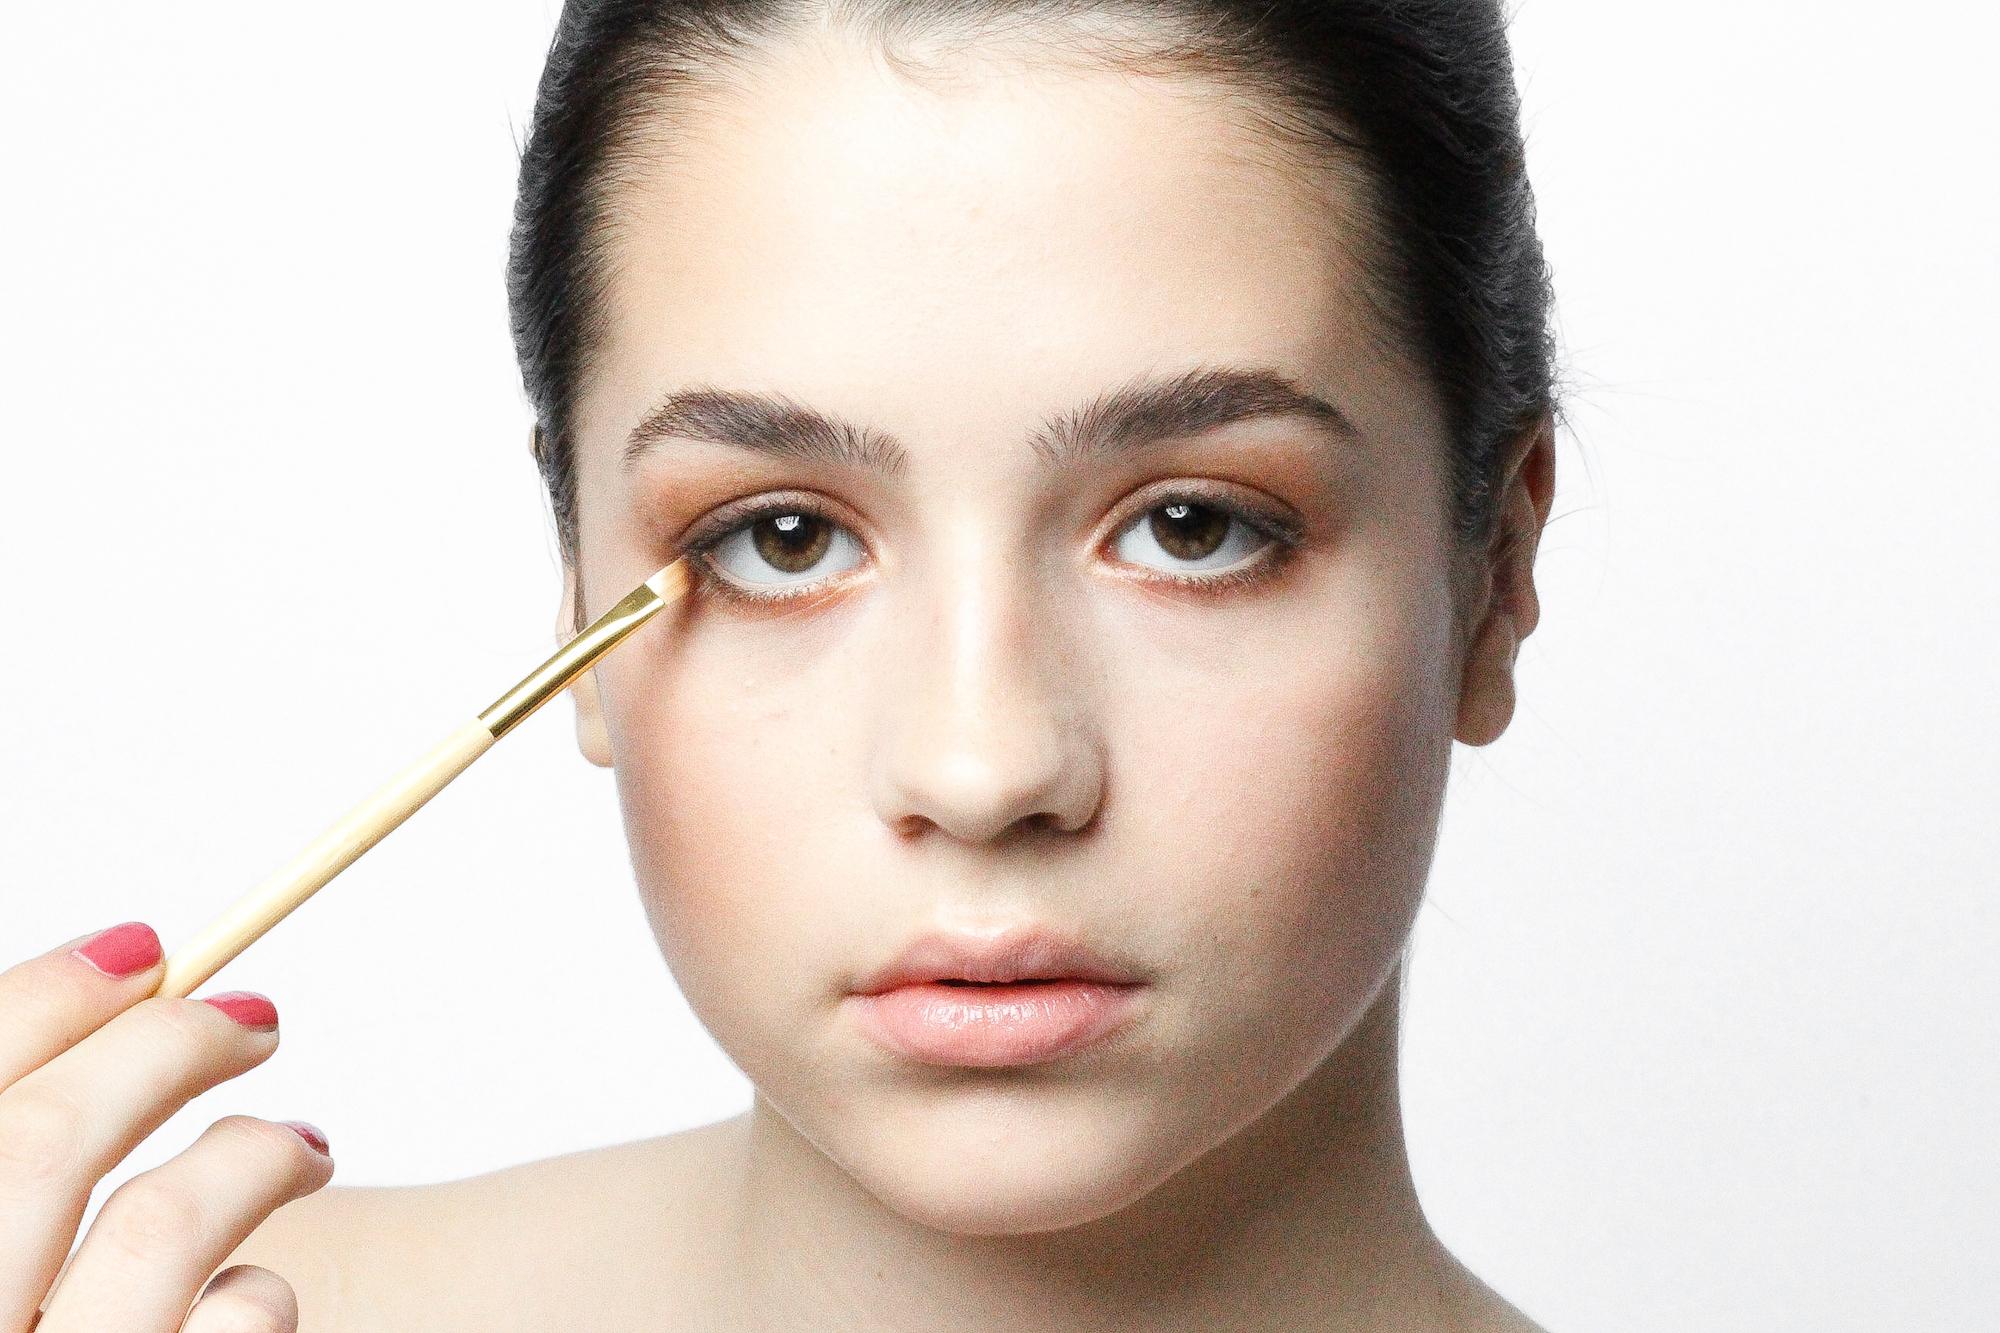 To apply daytime soft smokey eyes in only 3 steps how to apply daytime soft smokey eyes in only 3 steps baditri Images